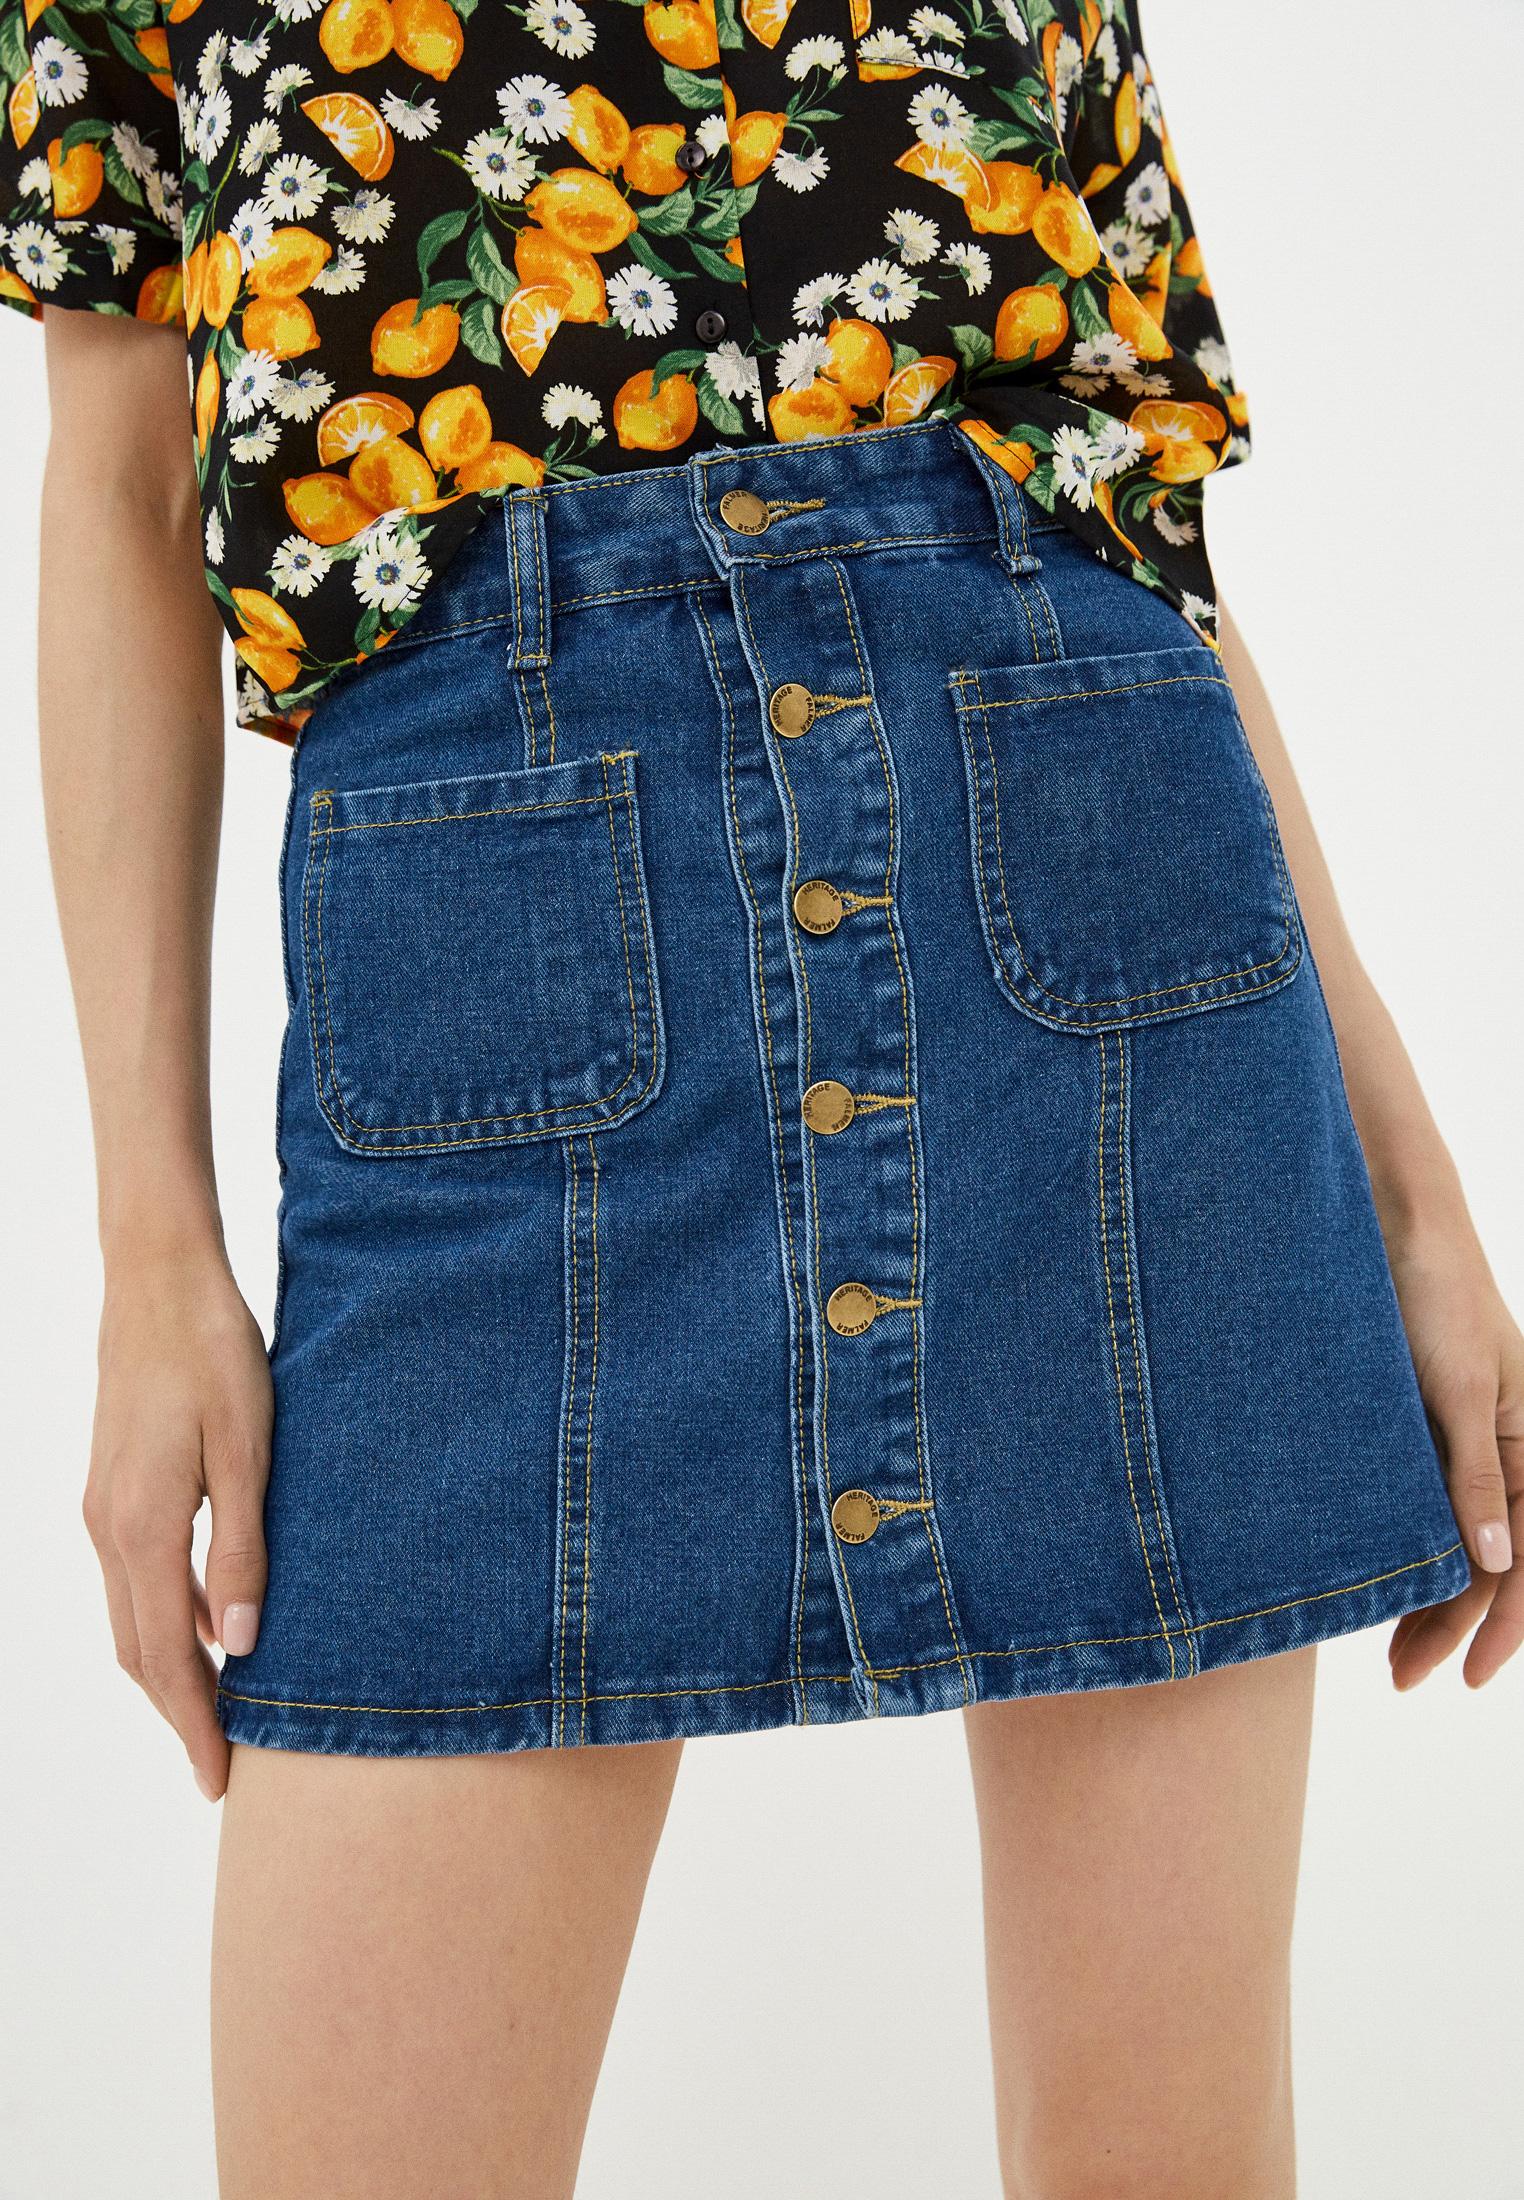 Джинсовая юбка Moki Юбка джинсовая Moki